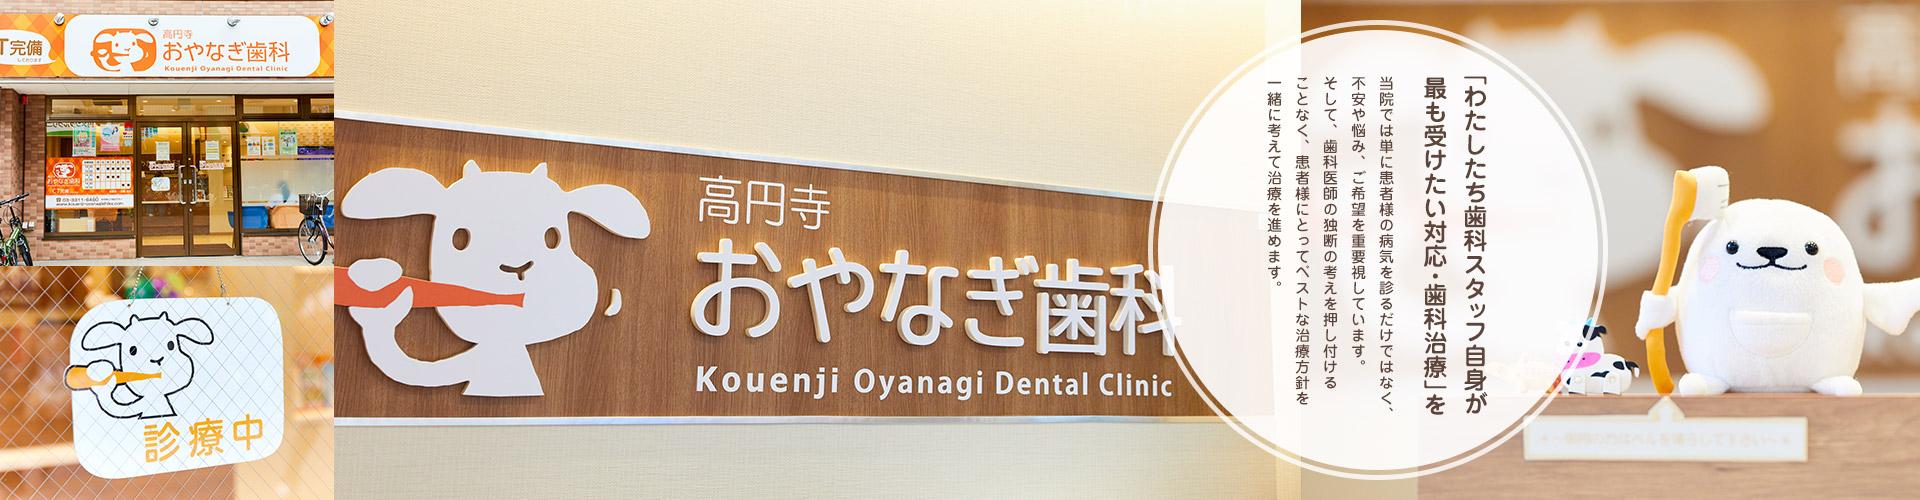 「わたしたち歯科スタッフ自身が最も受けたい対応・歯科治療」を